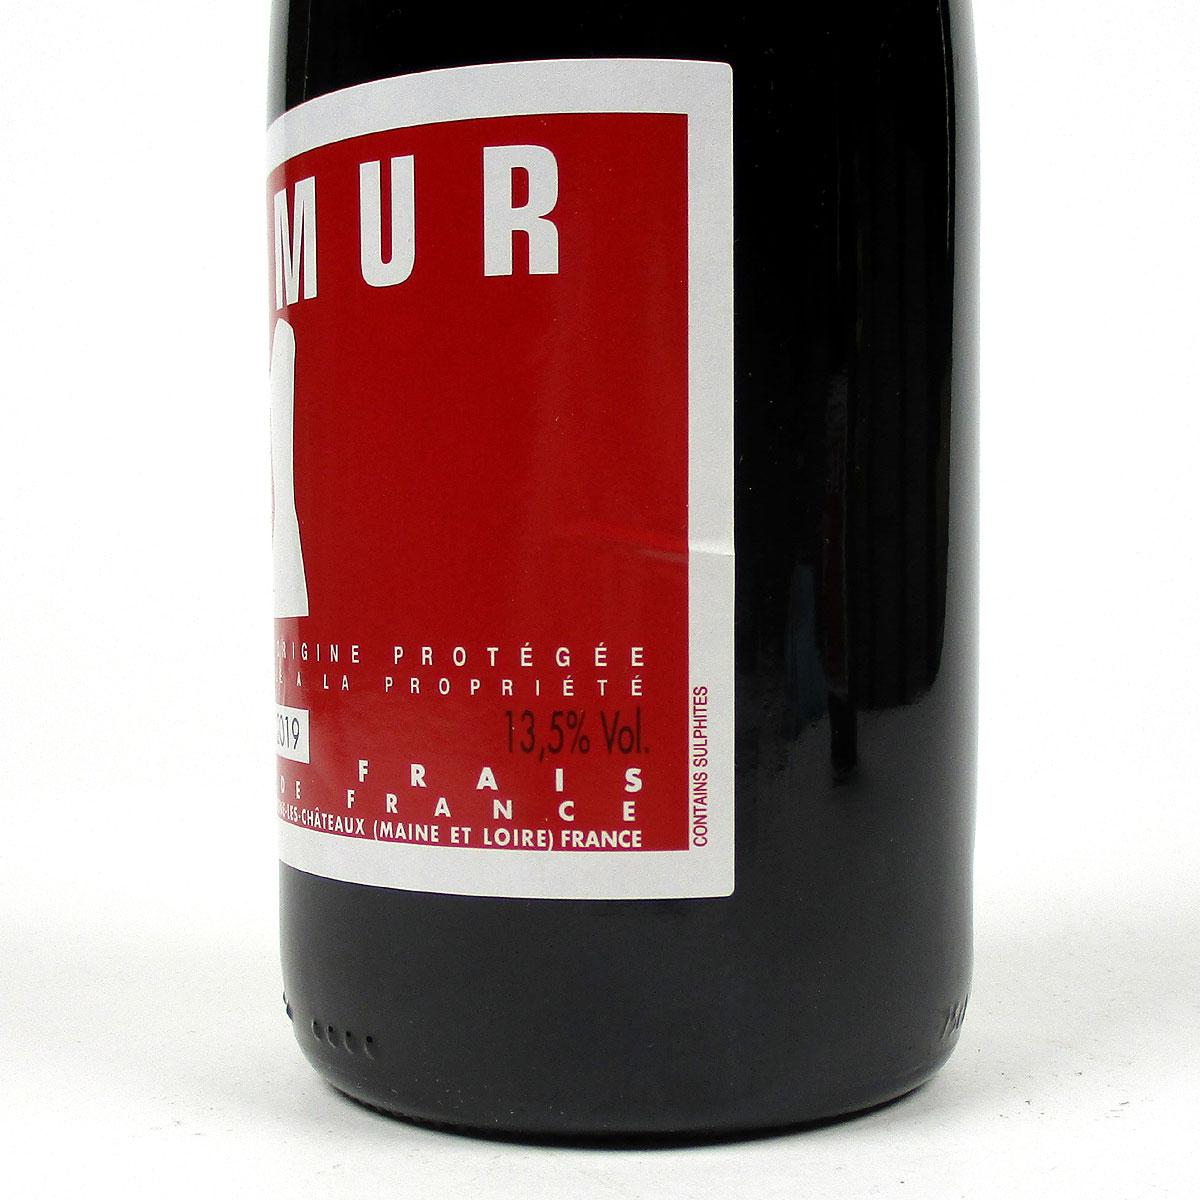 Saumur Rouge 2019 - Bottle Side Label